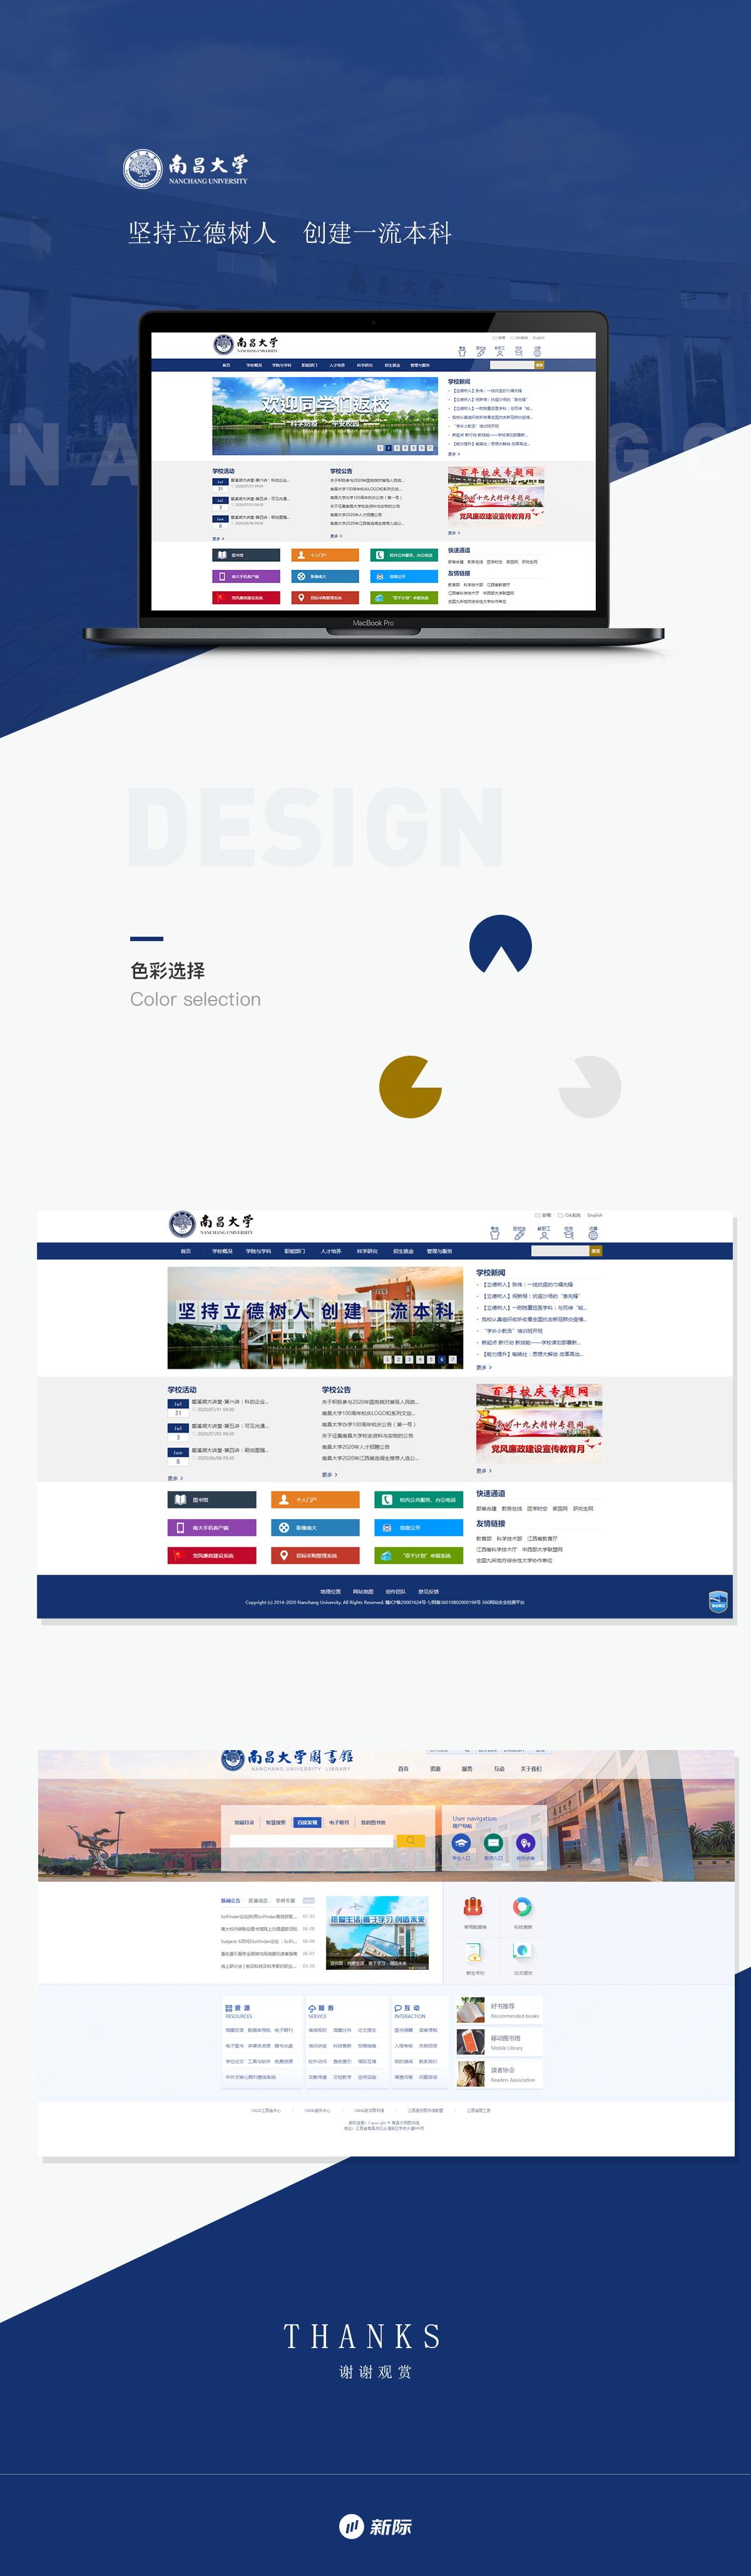 南昌大学详情图.JPG